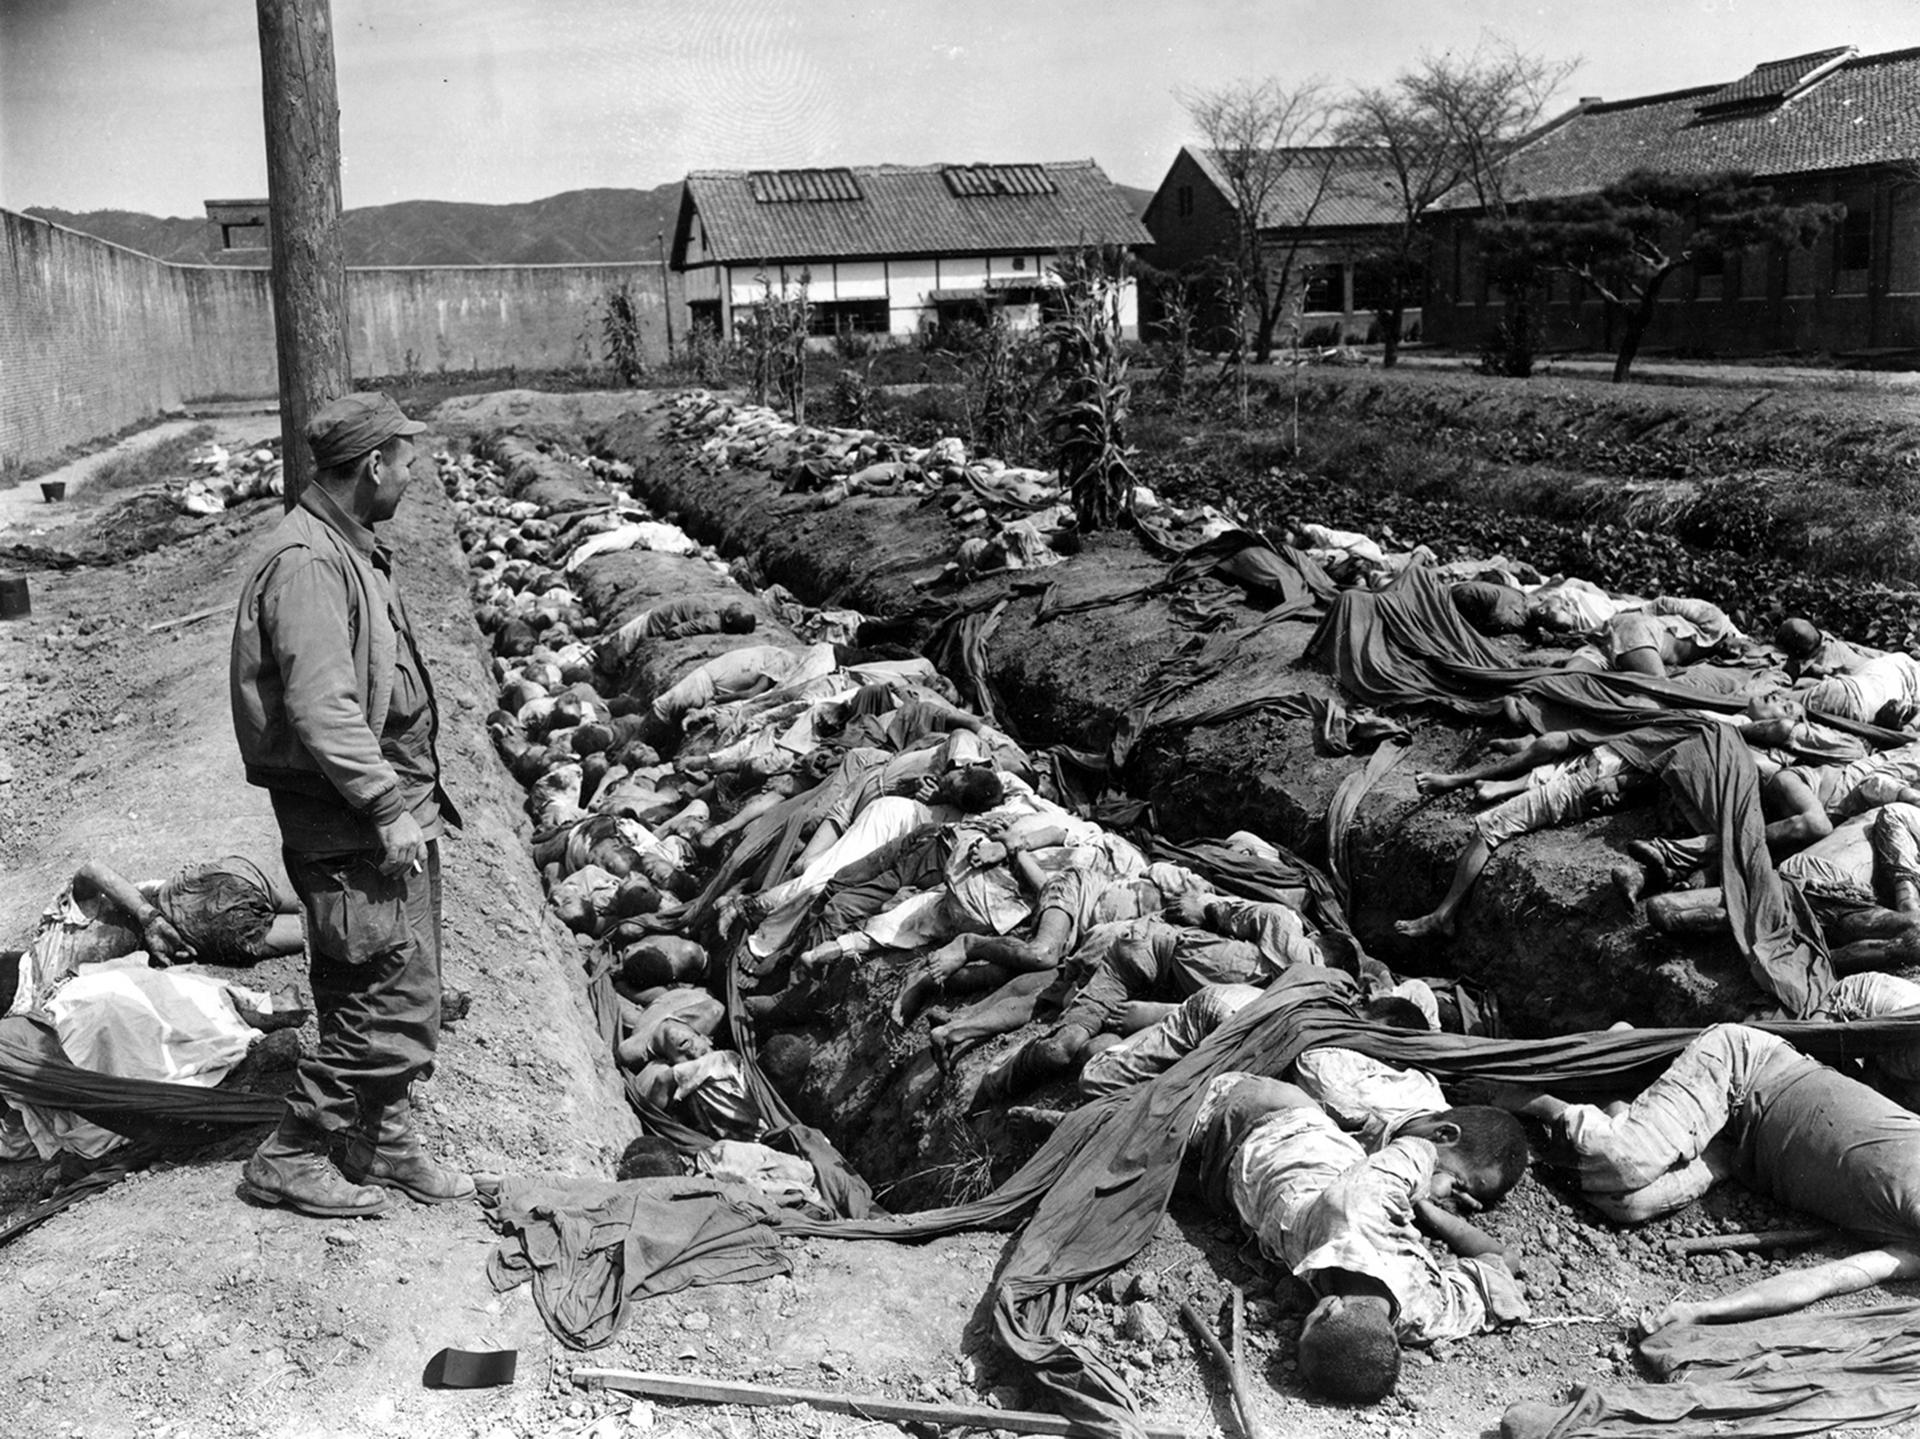 Una fosa común con 400 ciudadanos coreanos en el patio de la prisión de Taejon, el 28 de septiembre de 1950. Las víctimas fueron atadas y asesinadas por las fuerzas en retirada comunistas antes de que las tropas 24ª división EUA recapturaron la ciudad 28 de septiembre (AP)